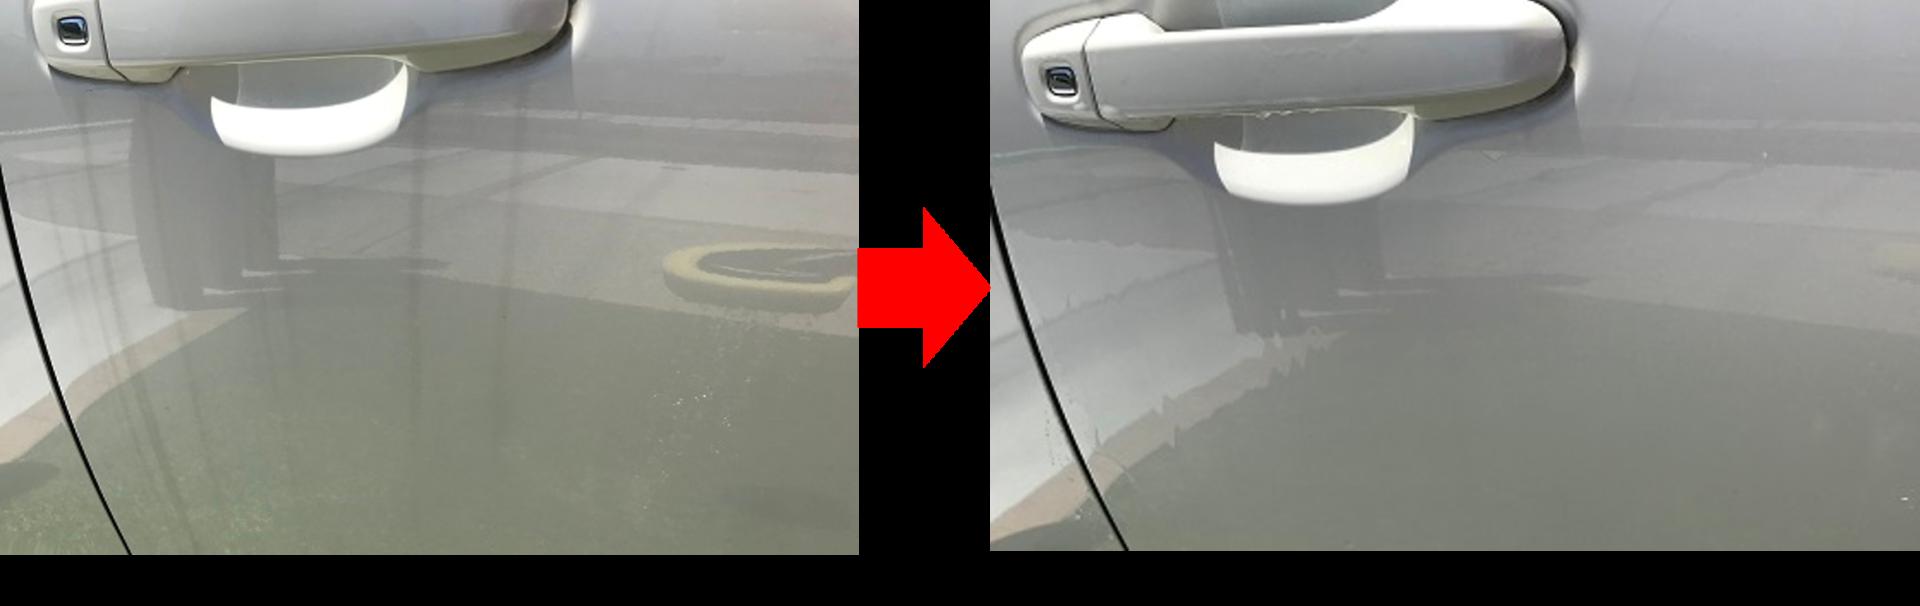 白い車に汚れが付いている写真と、汚れがついていない写真